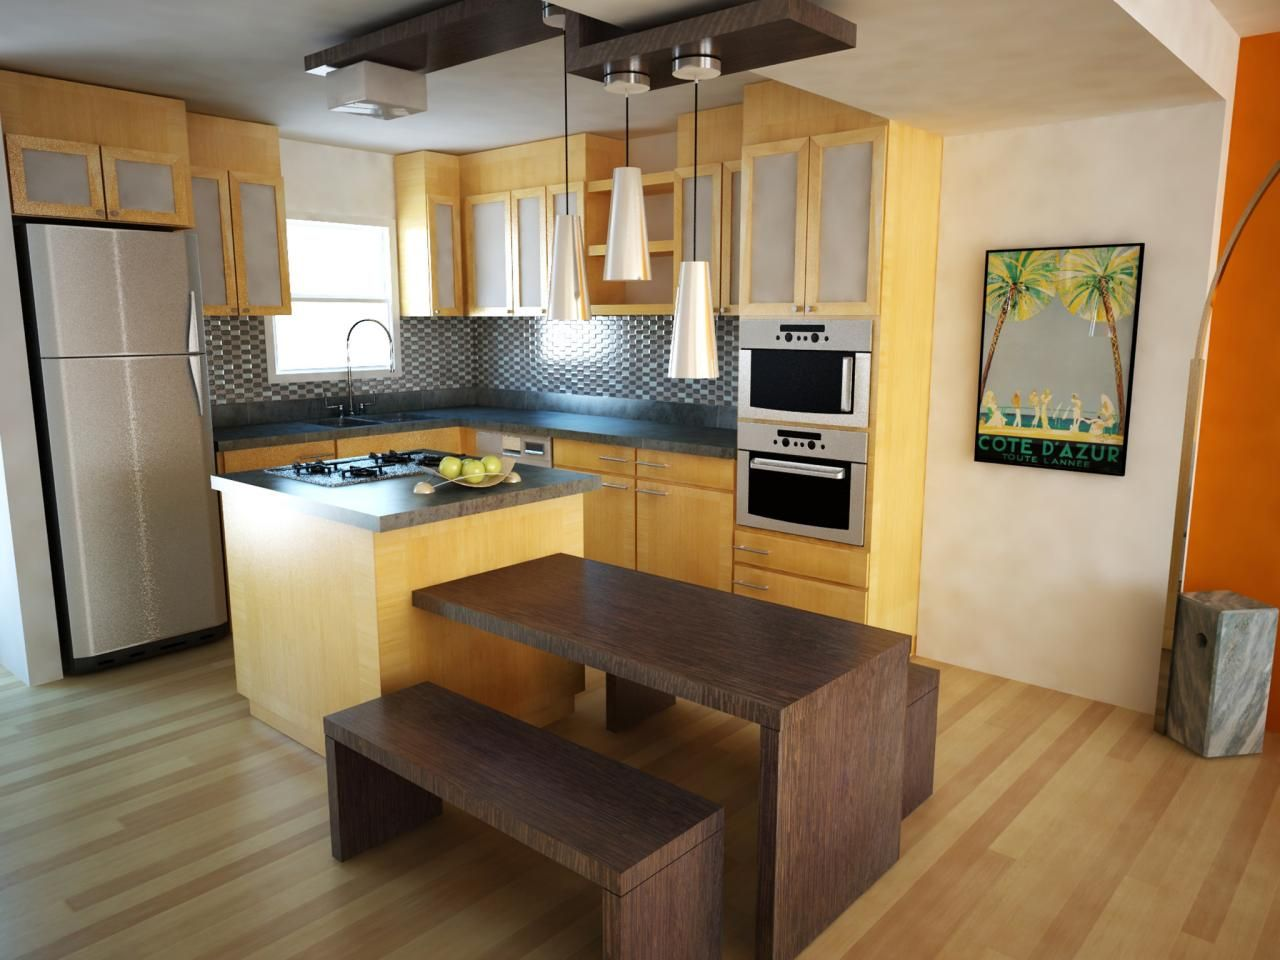 Einfach und effizient in kleinen Küche Design-Layout #smallkitchenremodeling